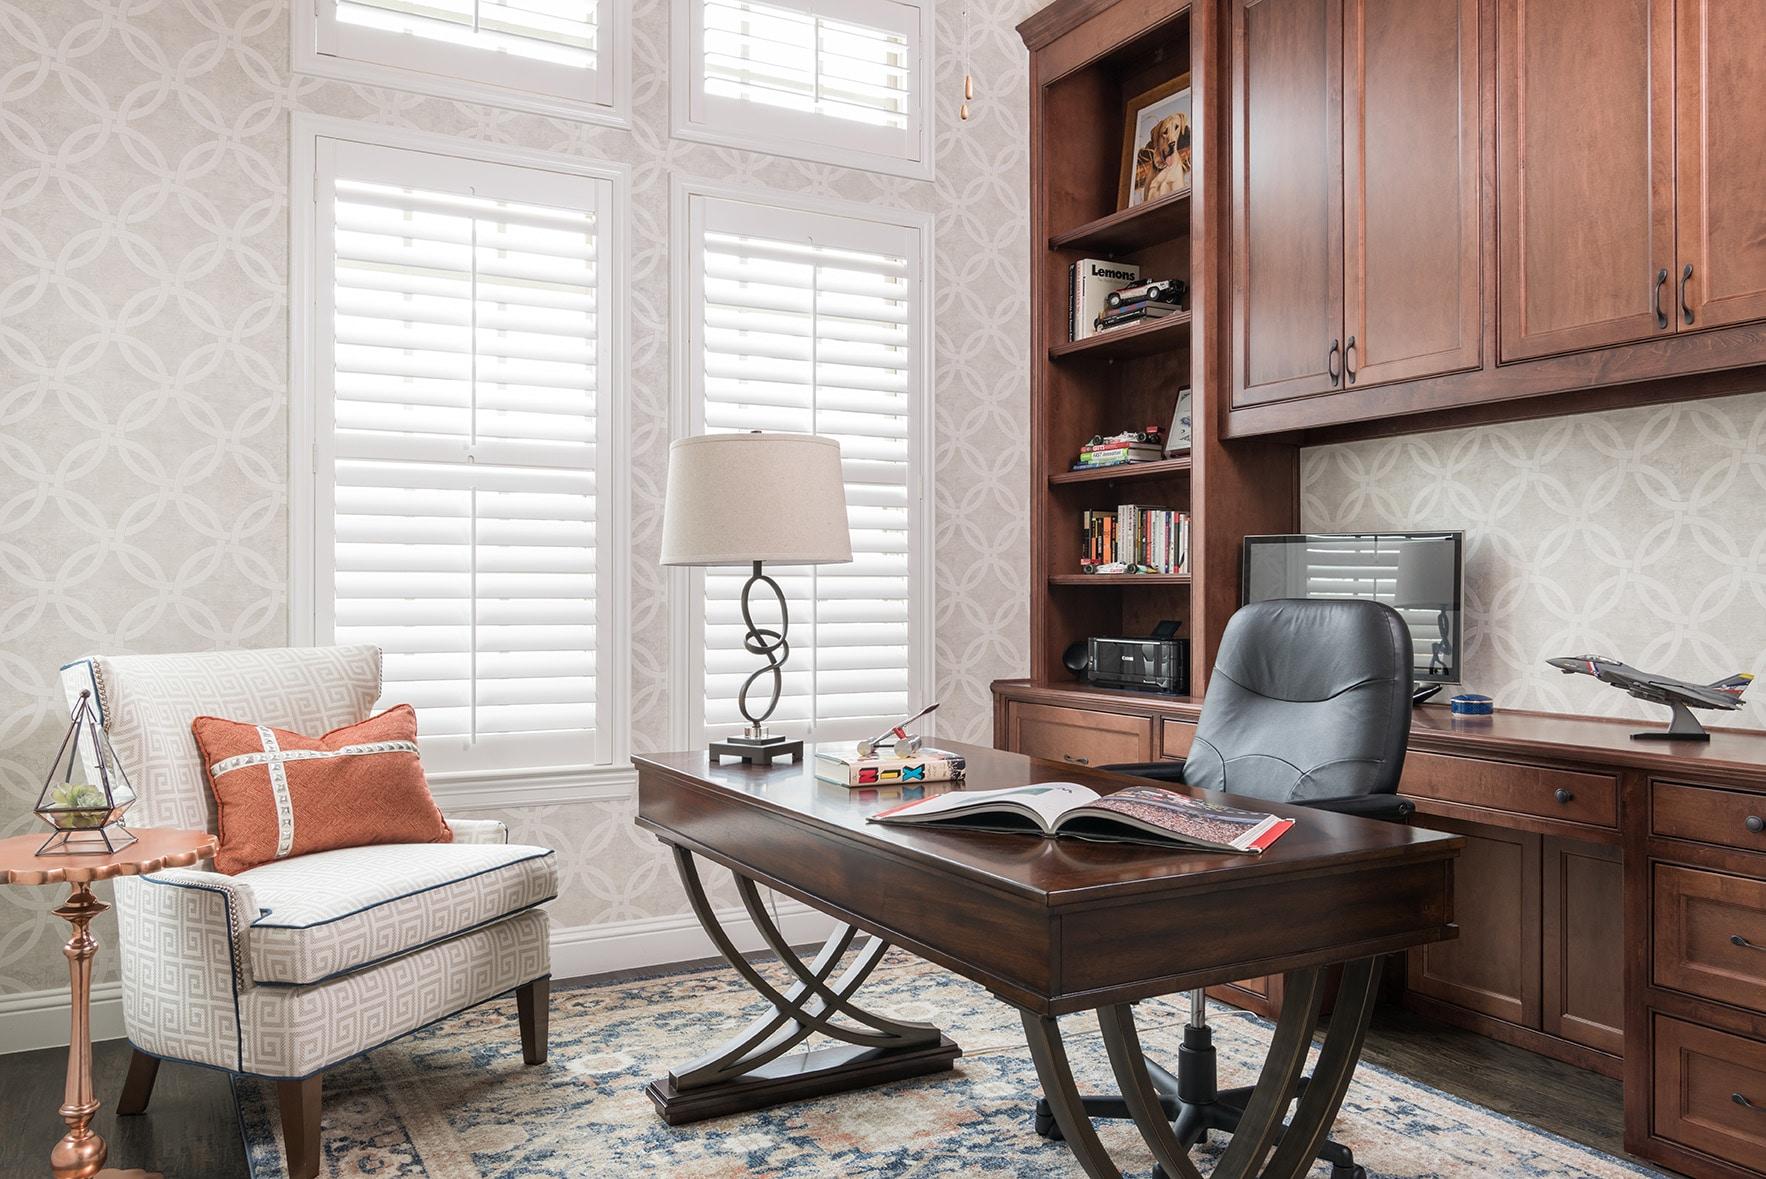 study ideas 2020, home office ideas 2020, study decor ideas, dallas interior designers, dallas home renovation ideas, interior designers near me